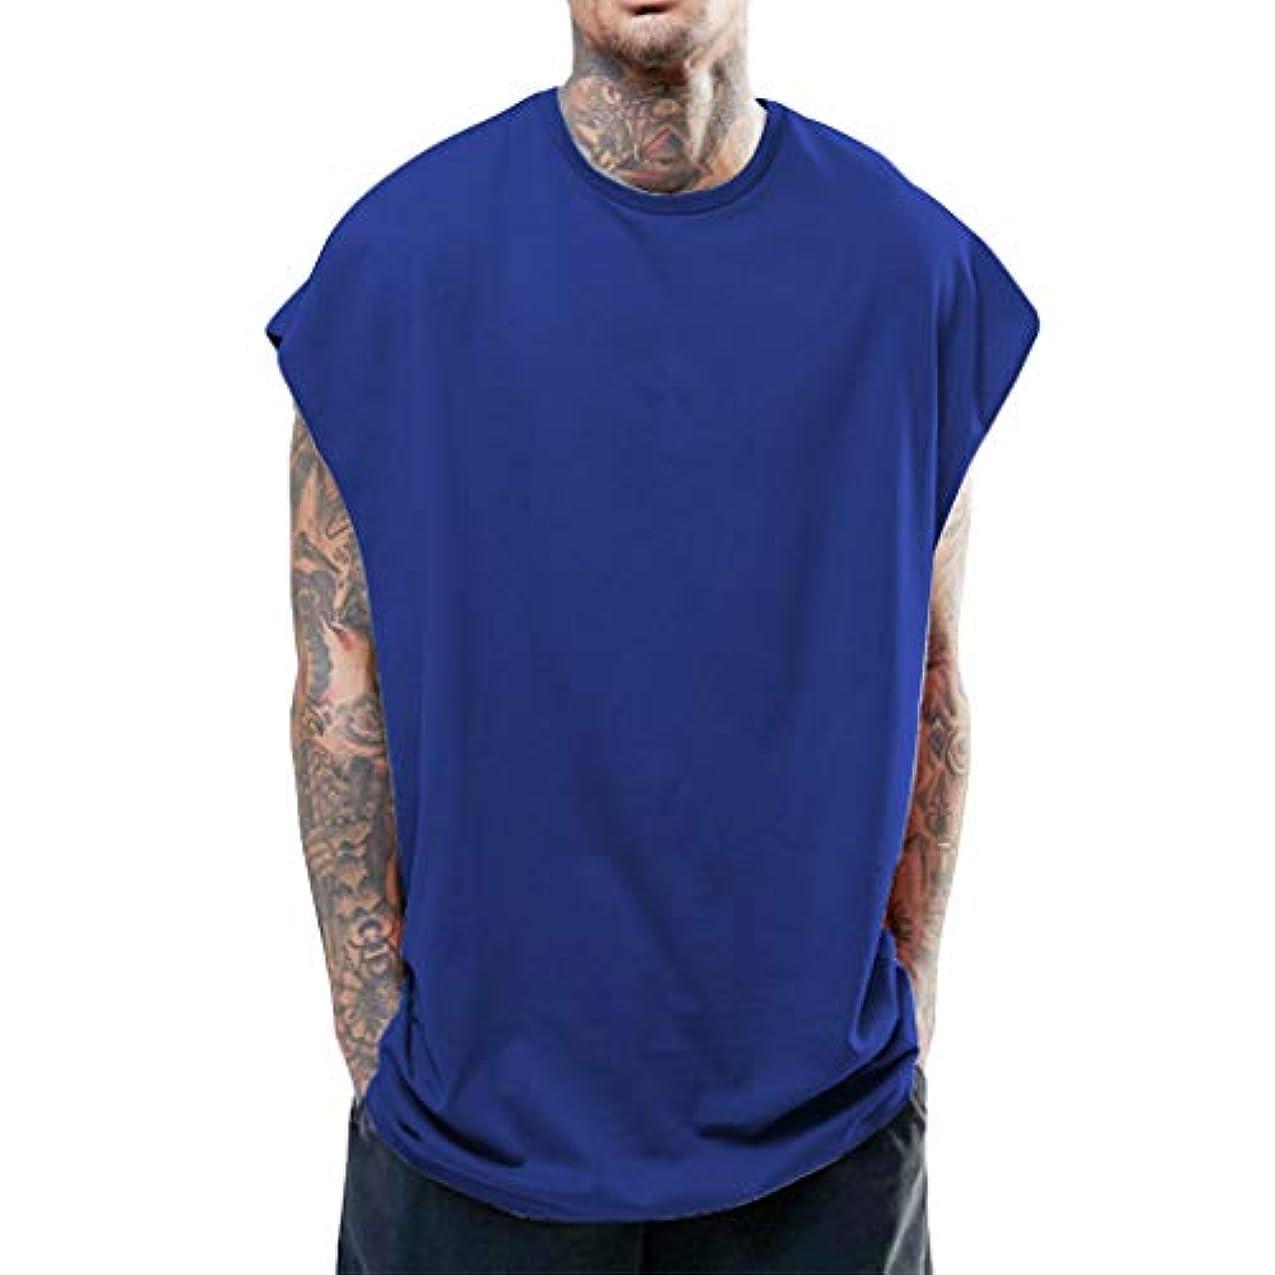 灰ボランティアグローバルメンズ無地ベスト タンクトップ メンズ tシャツ夏 トップス カットソー ノースリーブ ゆったり ビッグシルエット 吸汗速乾 無地 お出かけ 男性 背心 簡単 ジム 運動 (S-XXL)